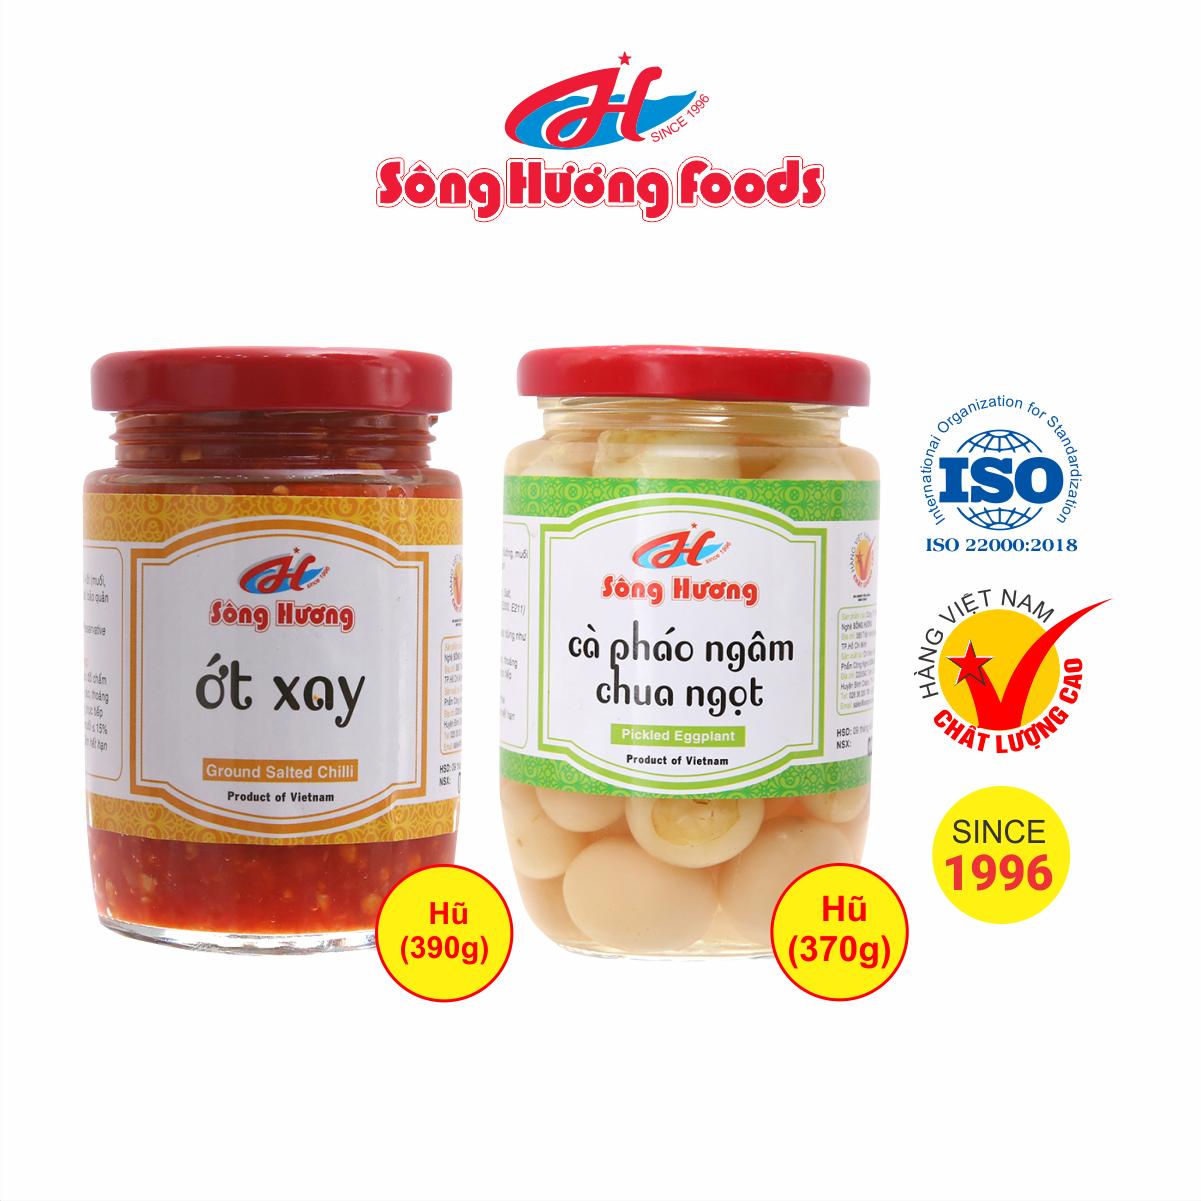 Combo 1 Hũ Cà Pháo Ngâm Chua Ngọt 370g + 1 Hũ Ớt tươi xay 390g Sông Hương Foods